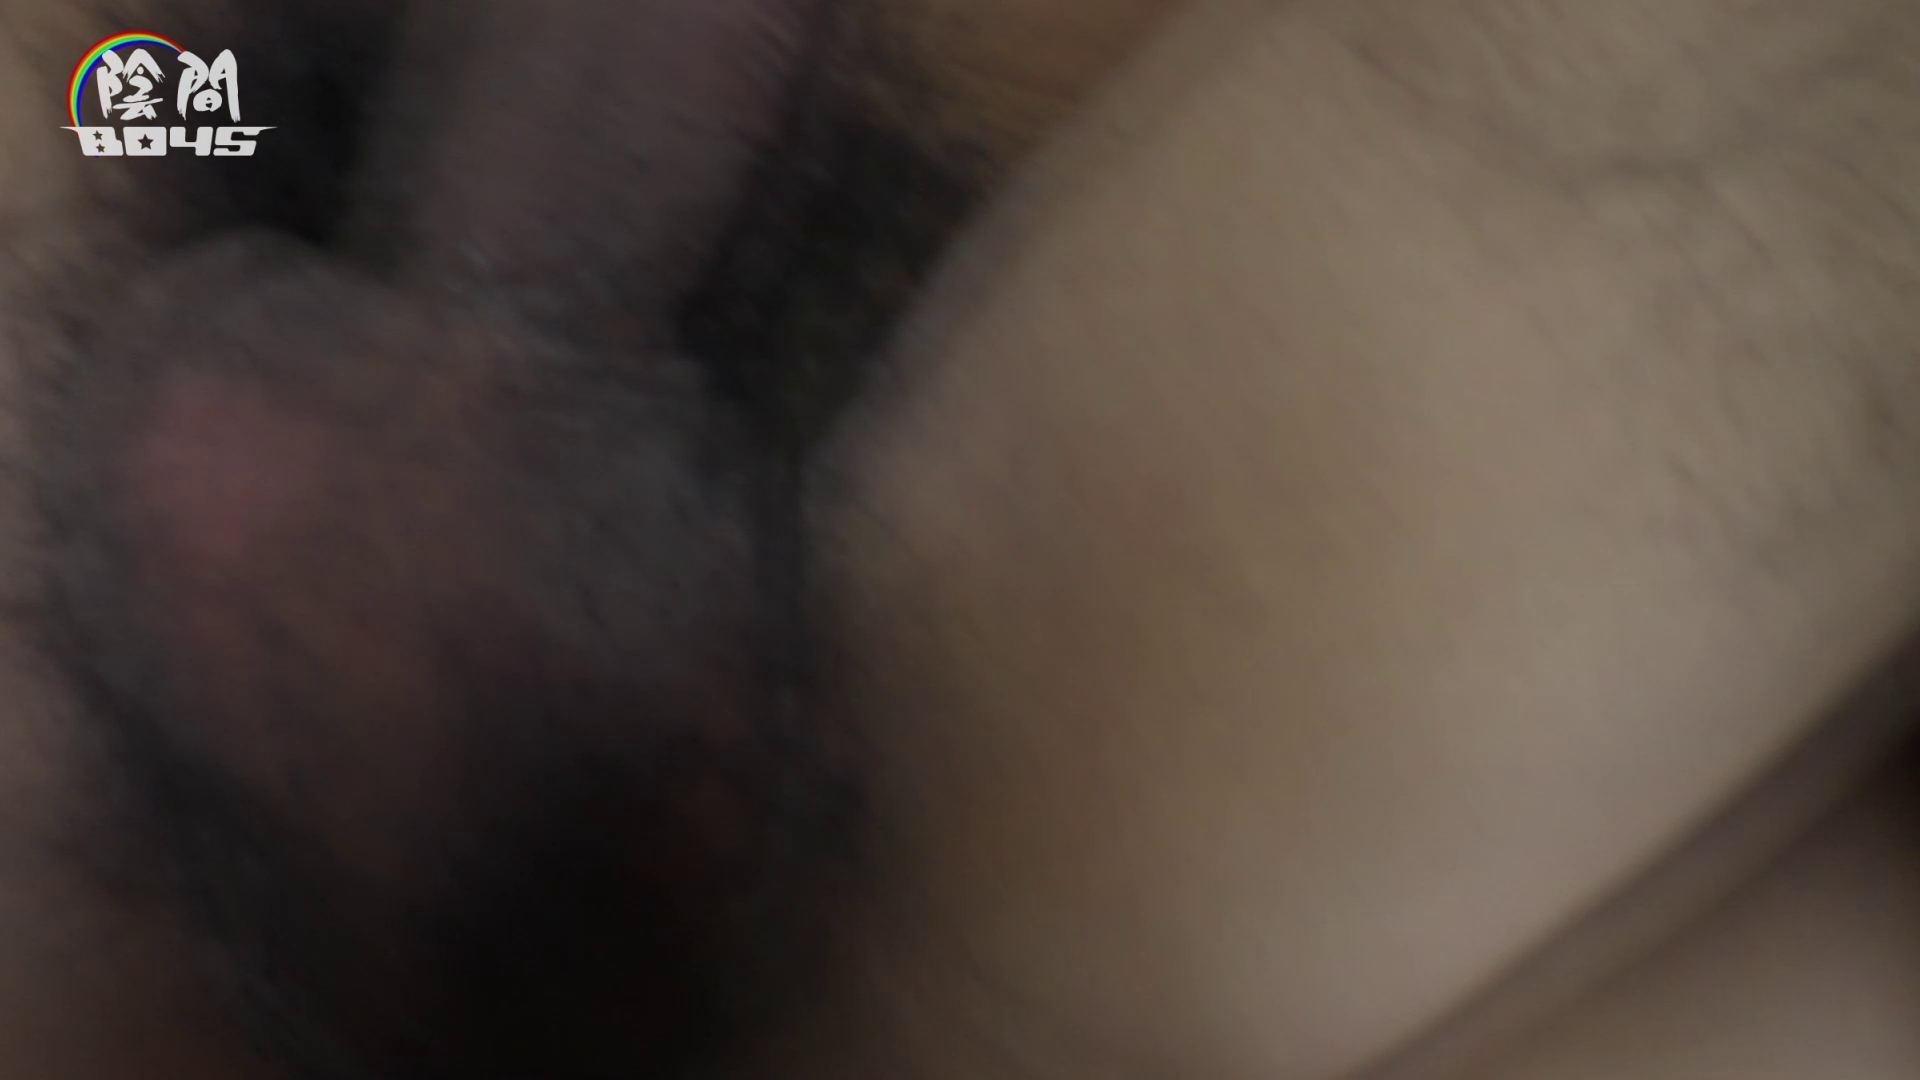 アナルは決して眠らない No.06 ゲイのオナニー映像  62枚 36